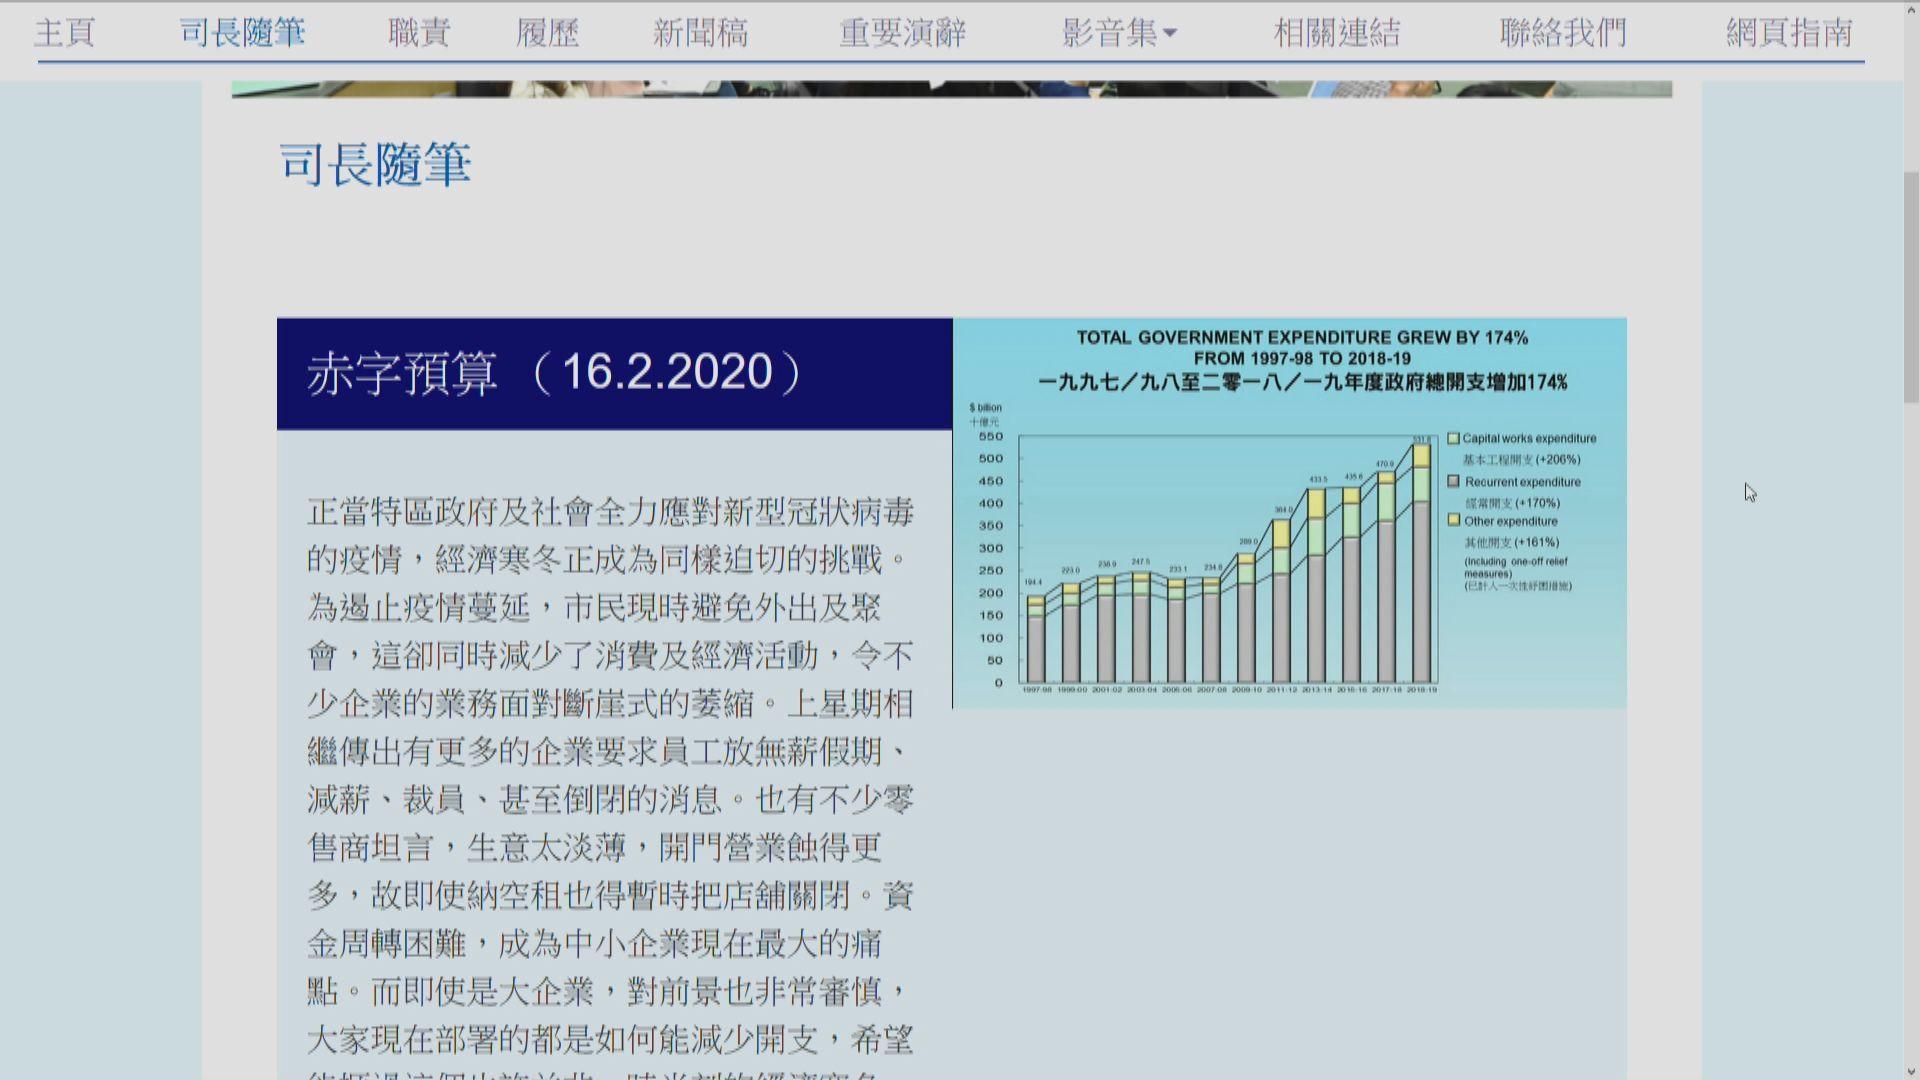 陳茂波:財政赤字將可能維持一段時間